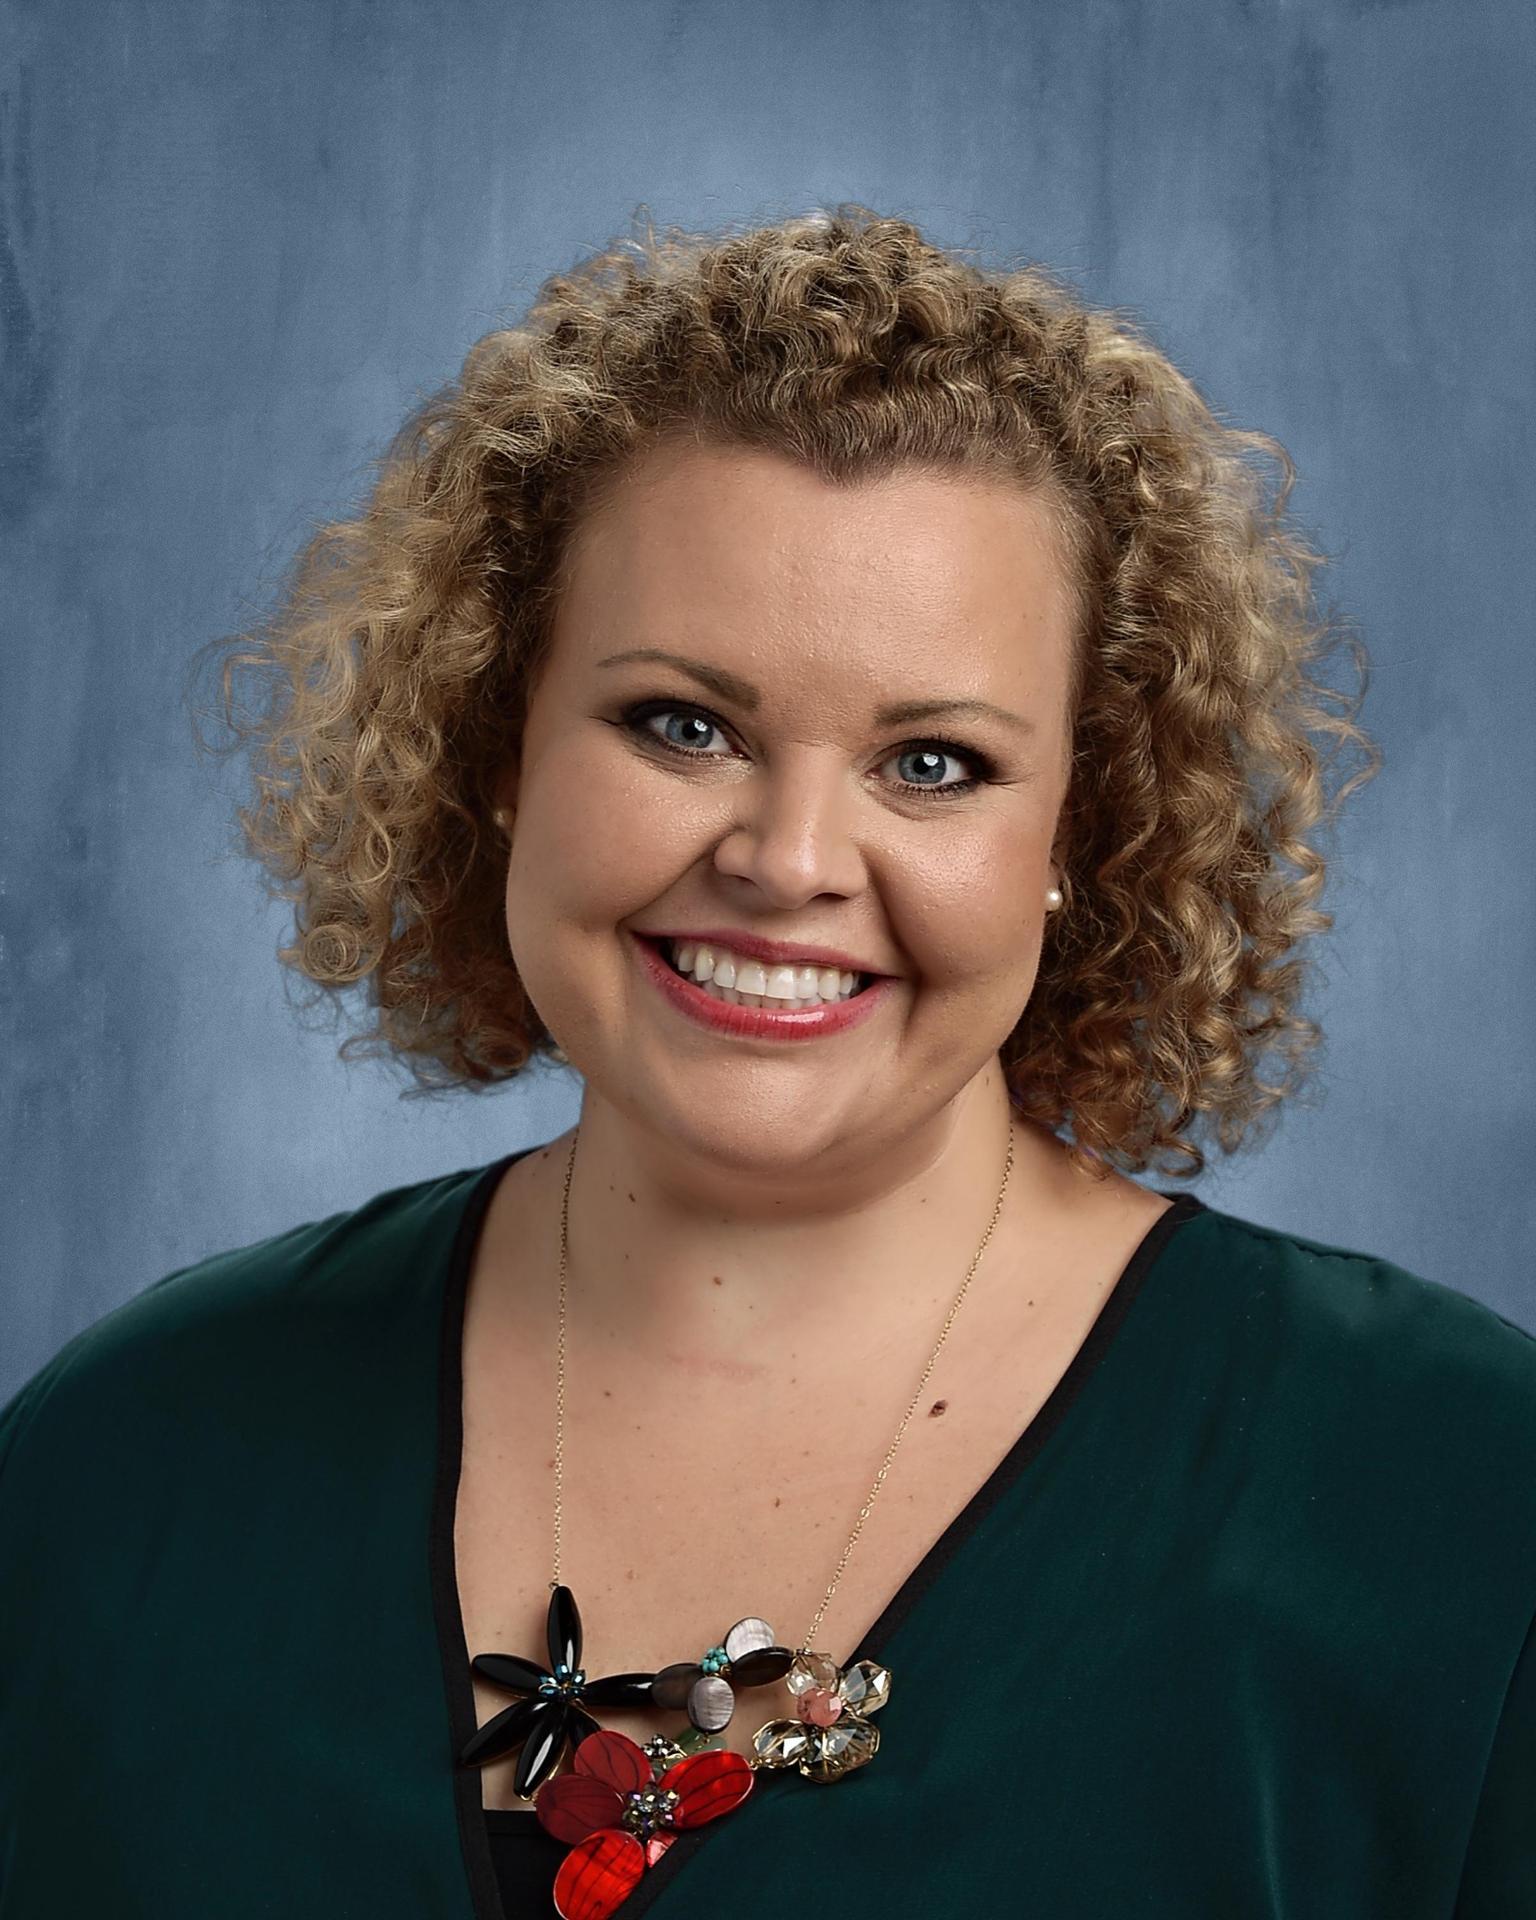 Juliet Riffenburg's Assistant Principal